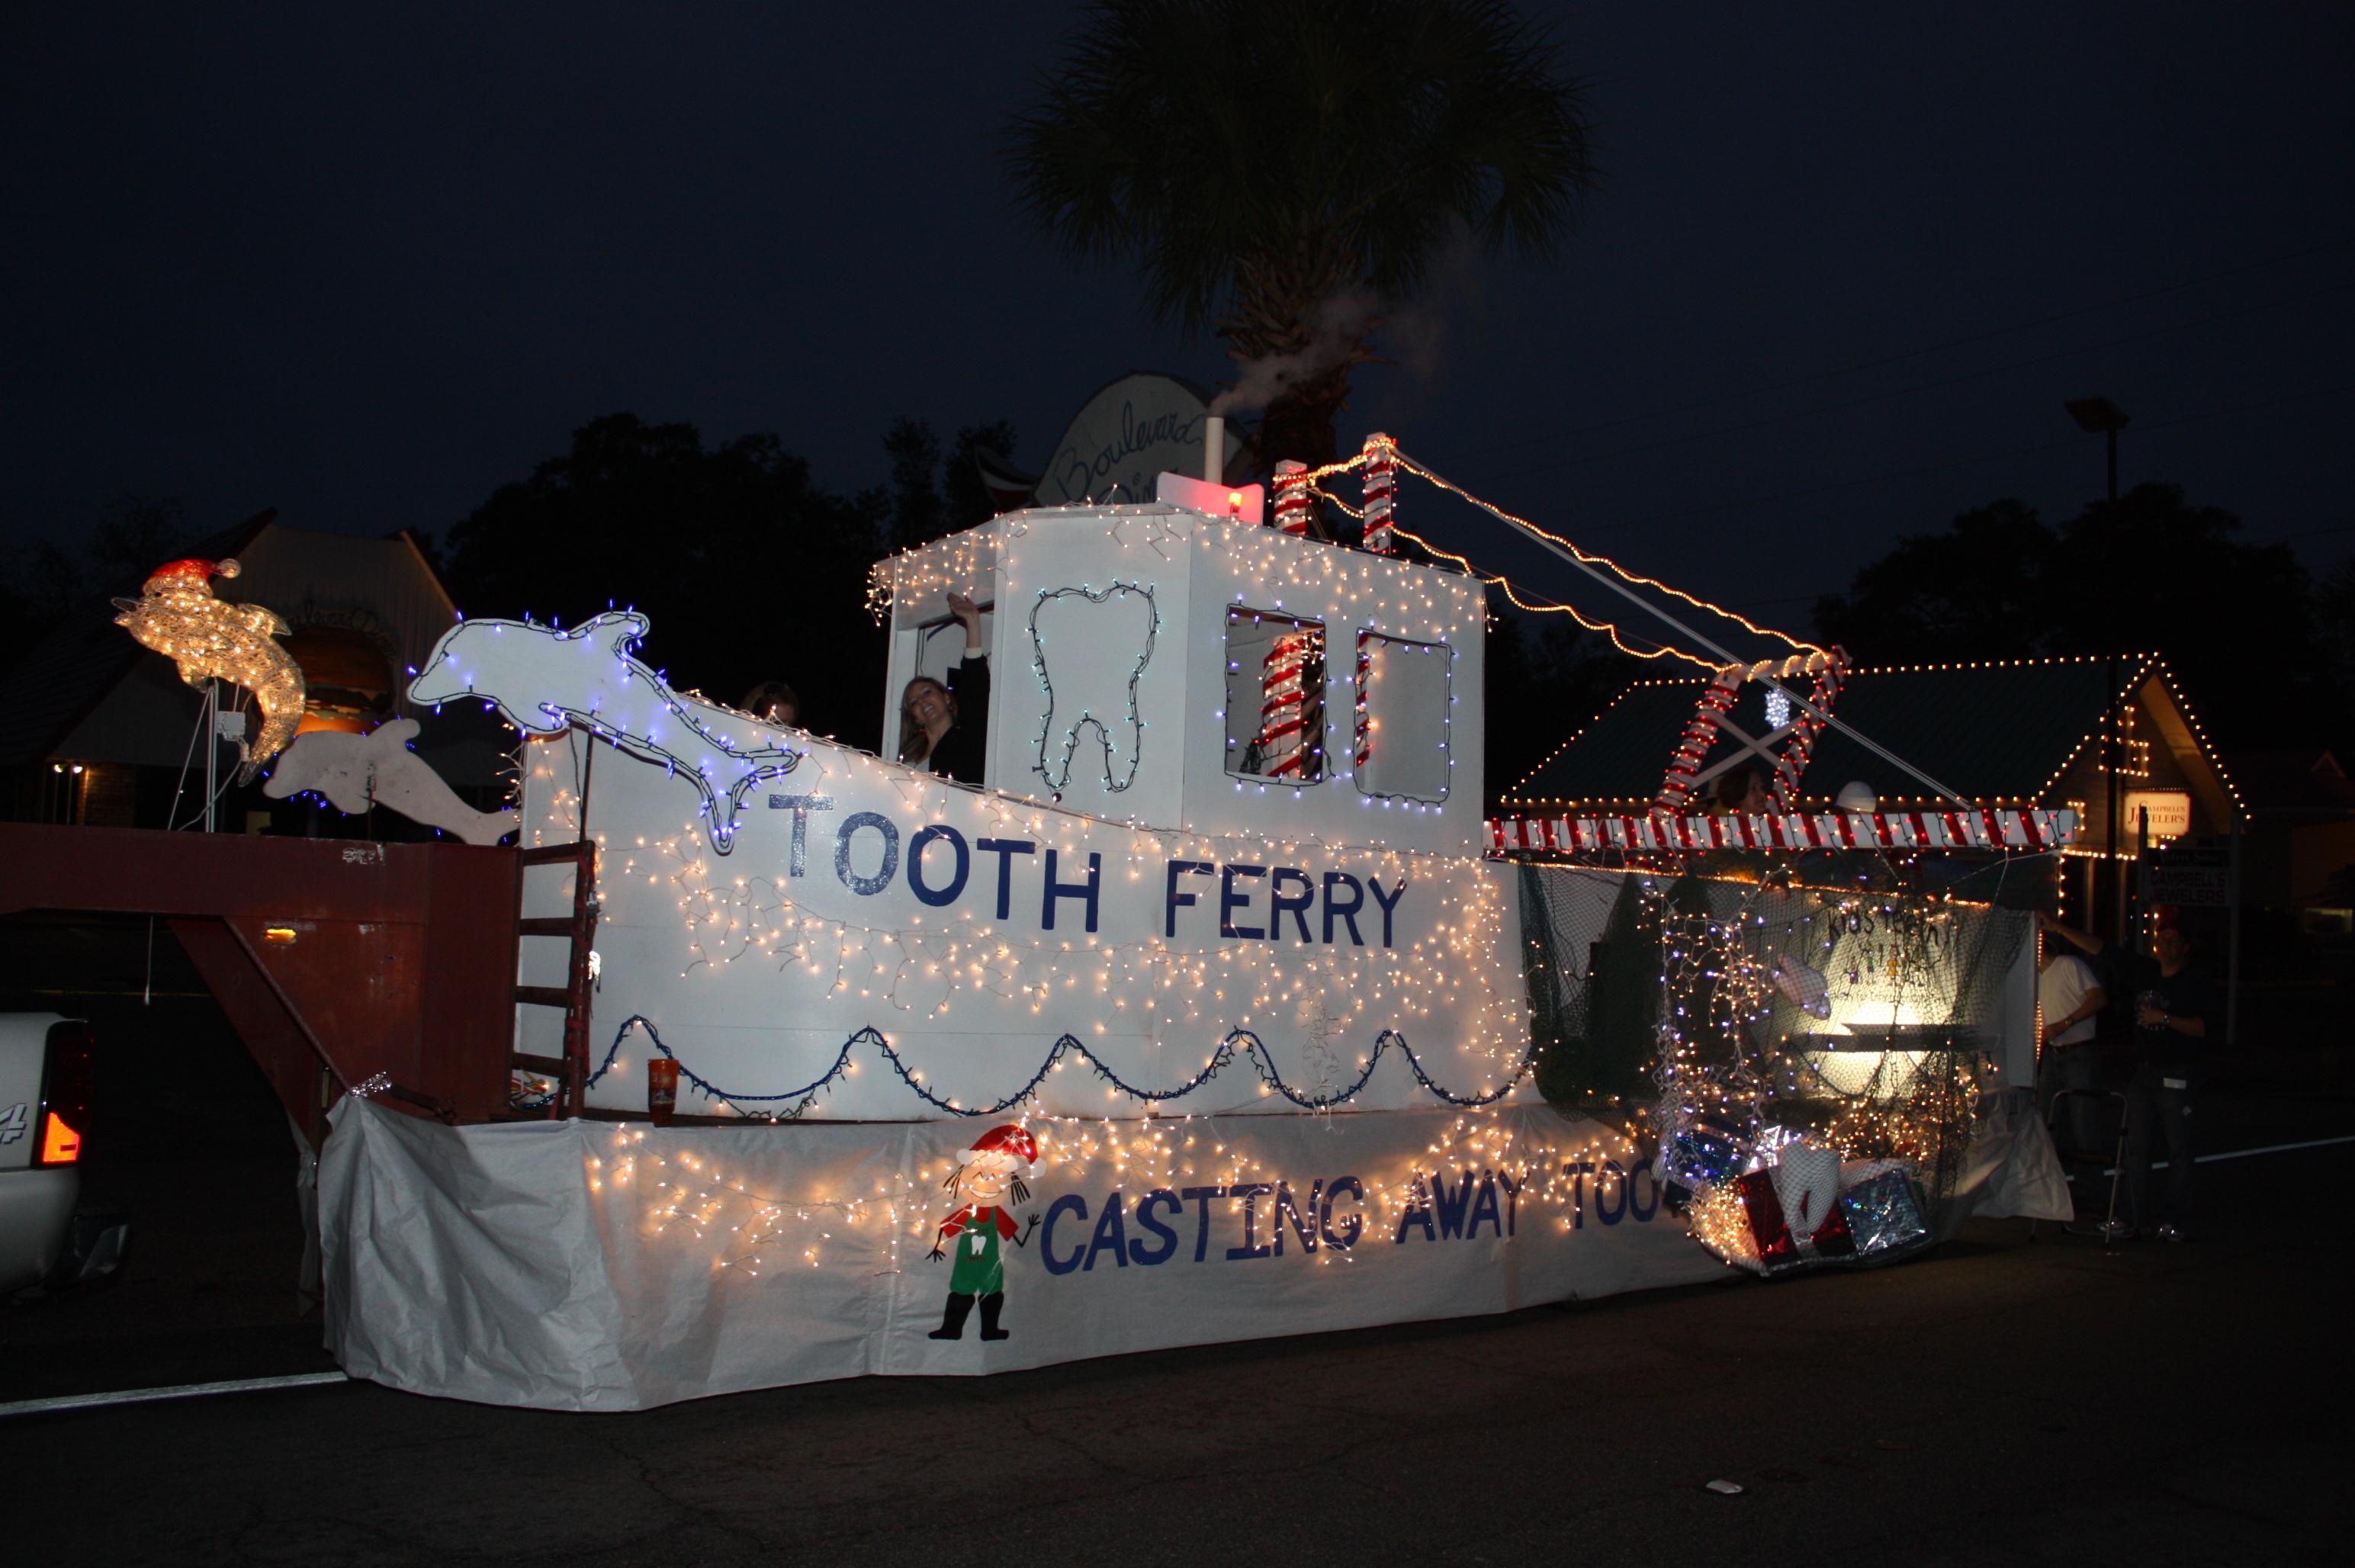 Christmas parade ideas - Tooth Ferry